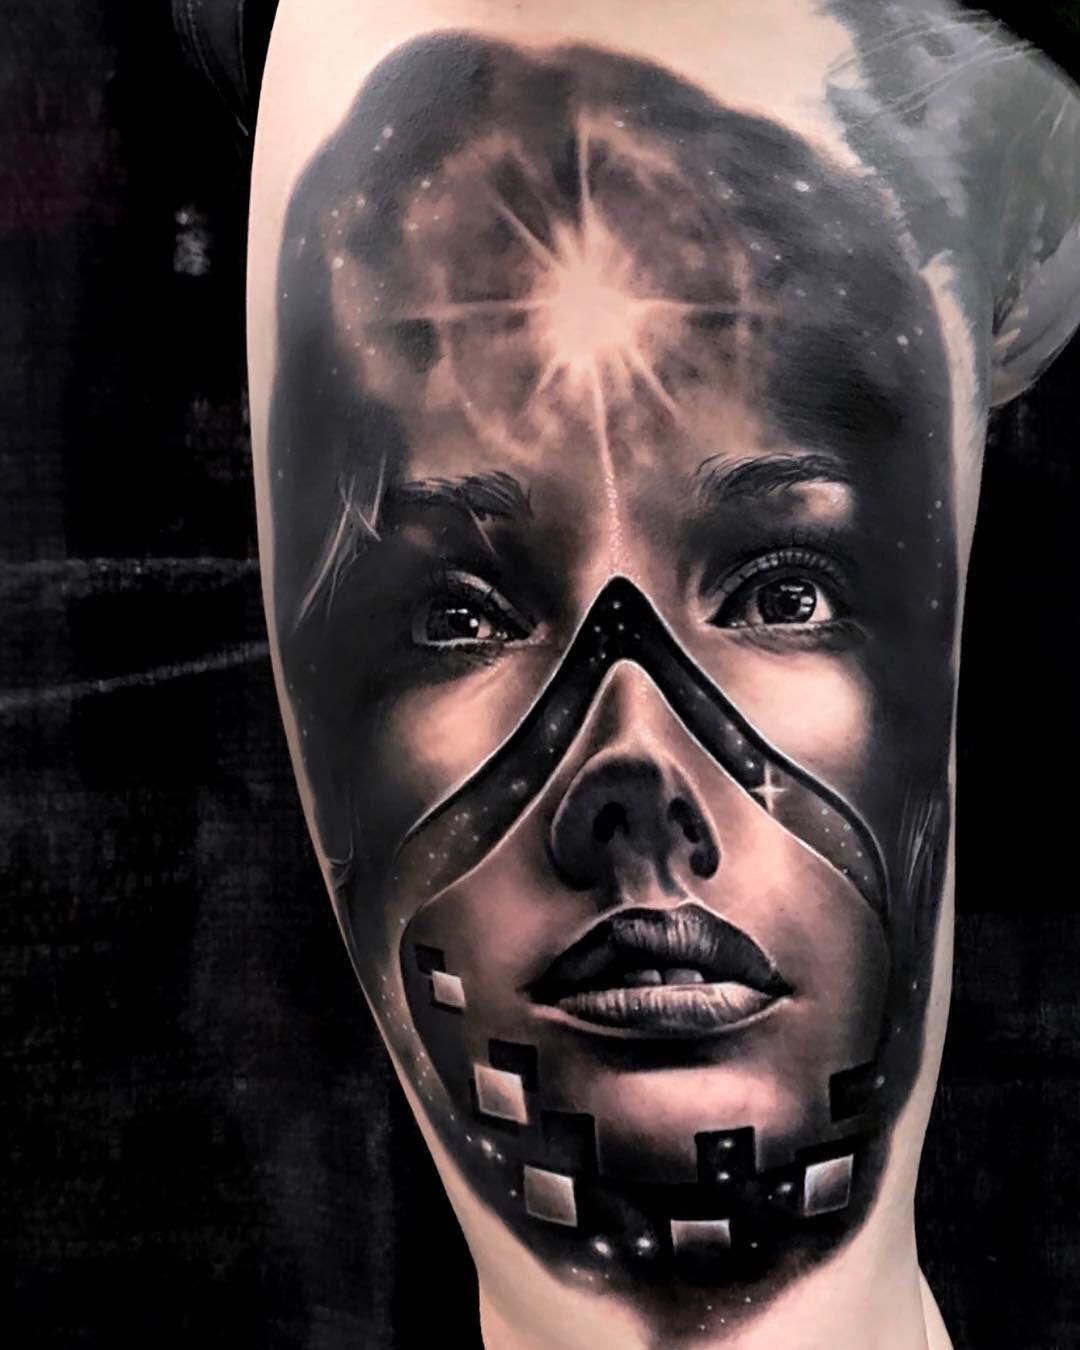 Galaxy woman portrait tattoo cool tattoos different